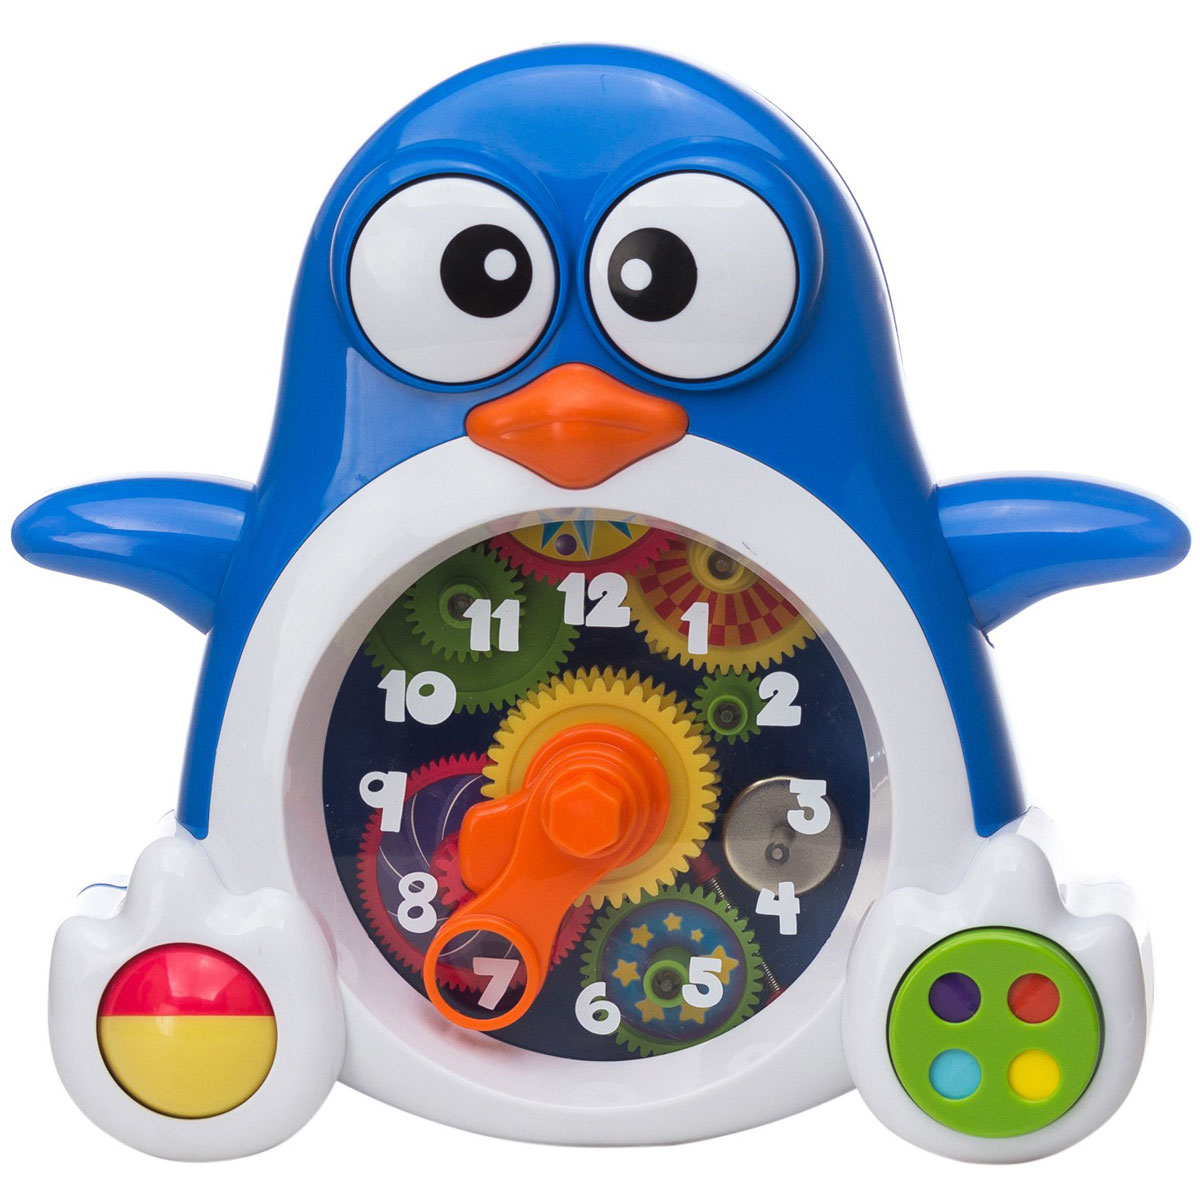 Keenway Развивающая игрушка Пингвиненок-часы игрушка музыкальная развивающая игрушка keenway игровой набор оркестр